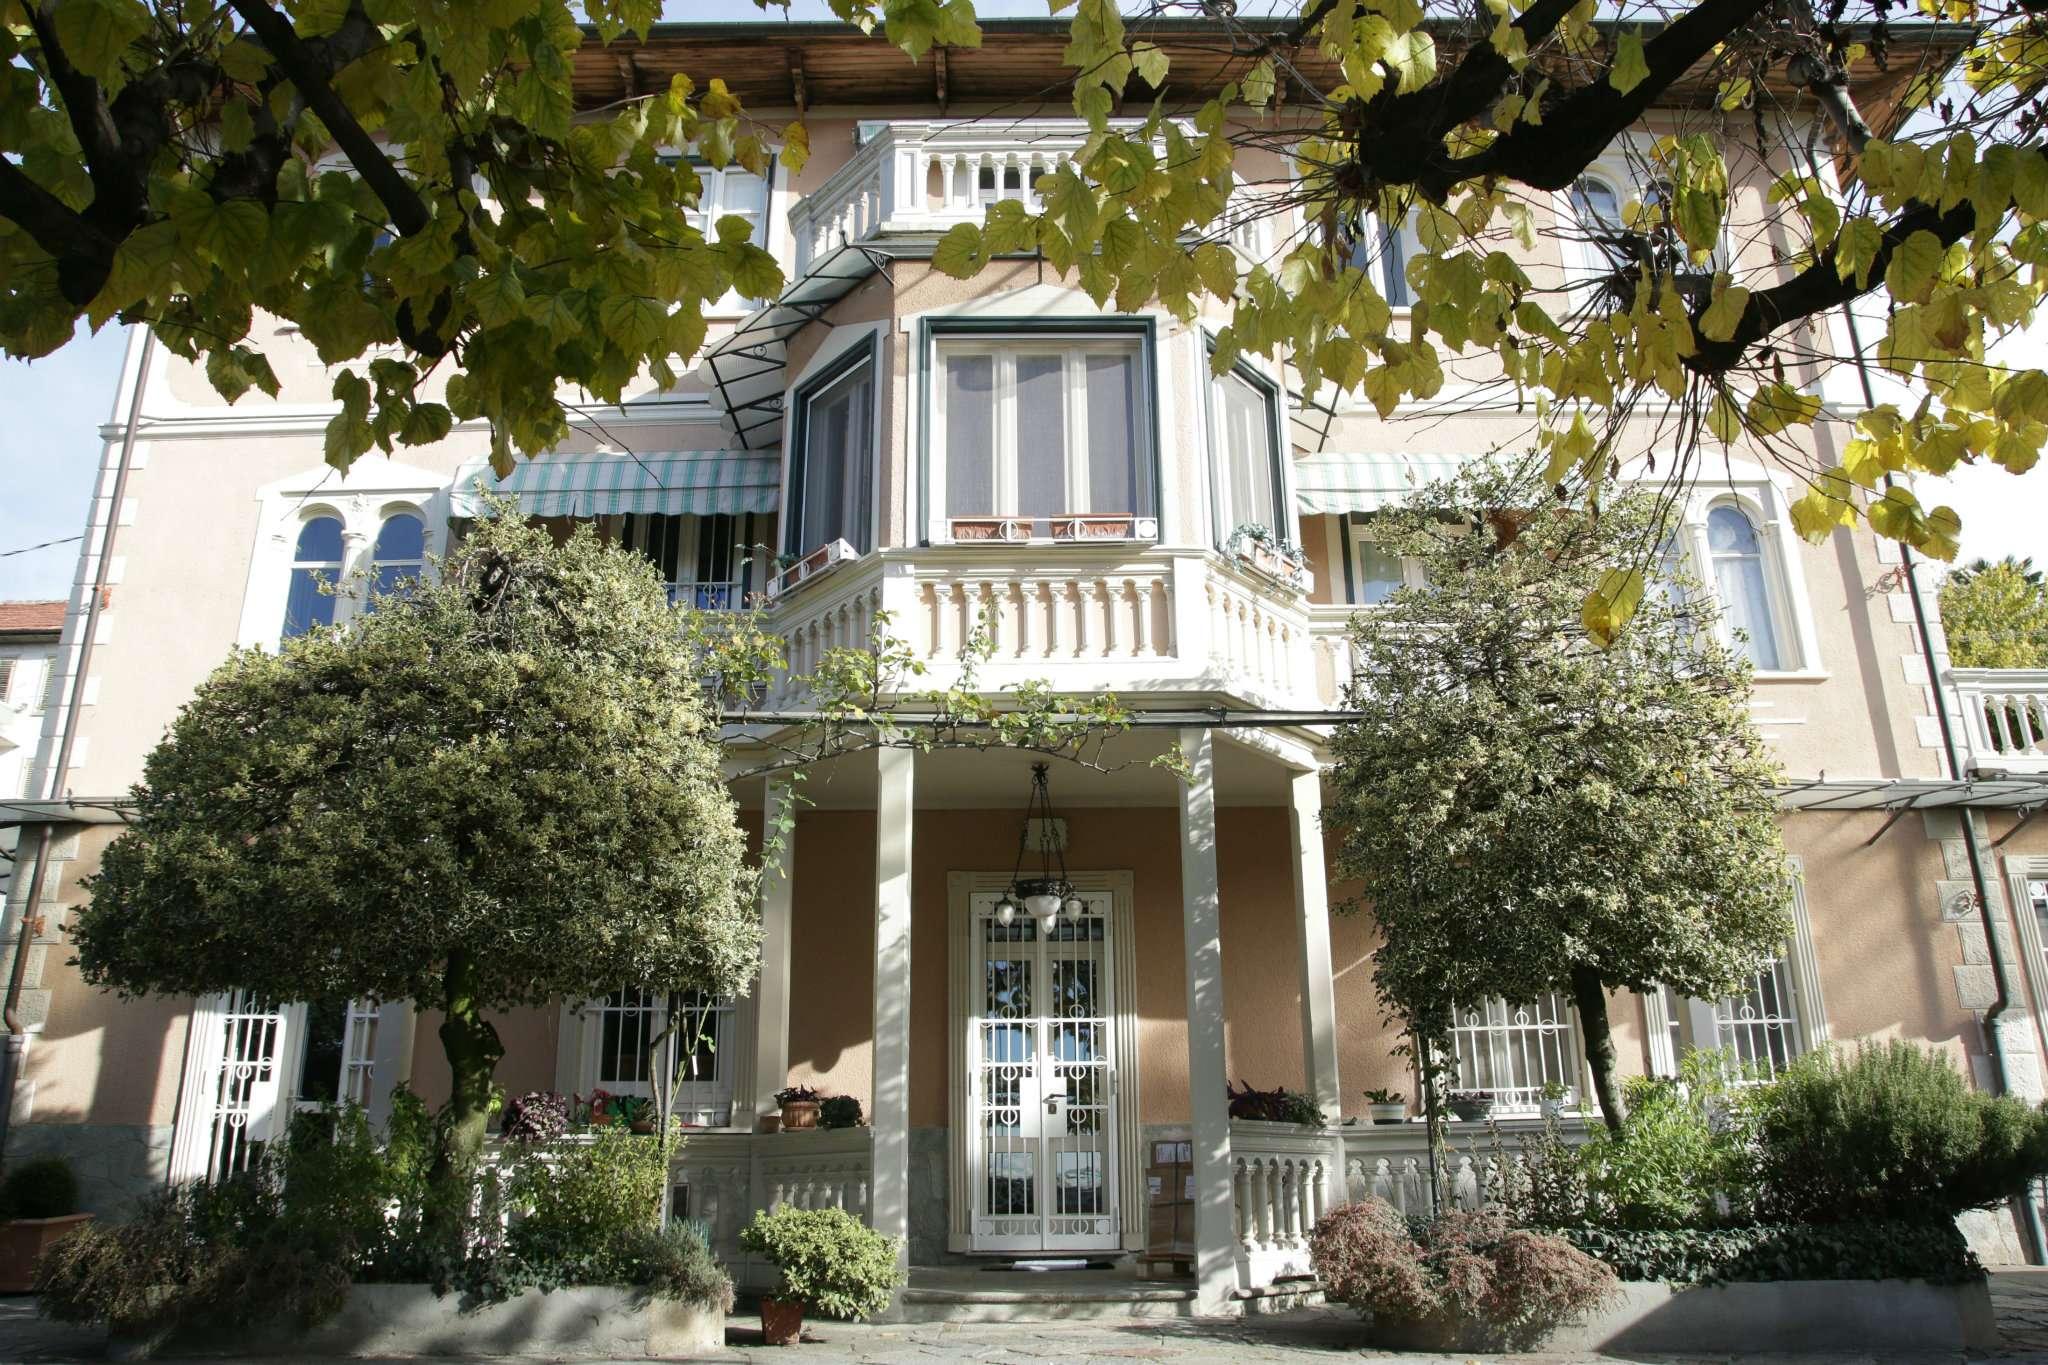 Foto 1 di Villa strada DEI RONCHI 40, Torino (zona Precollina, Collina)